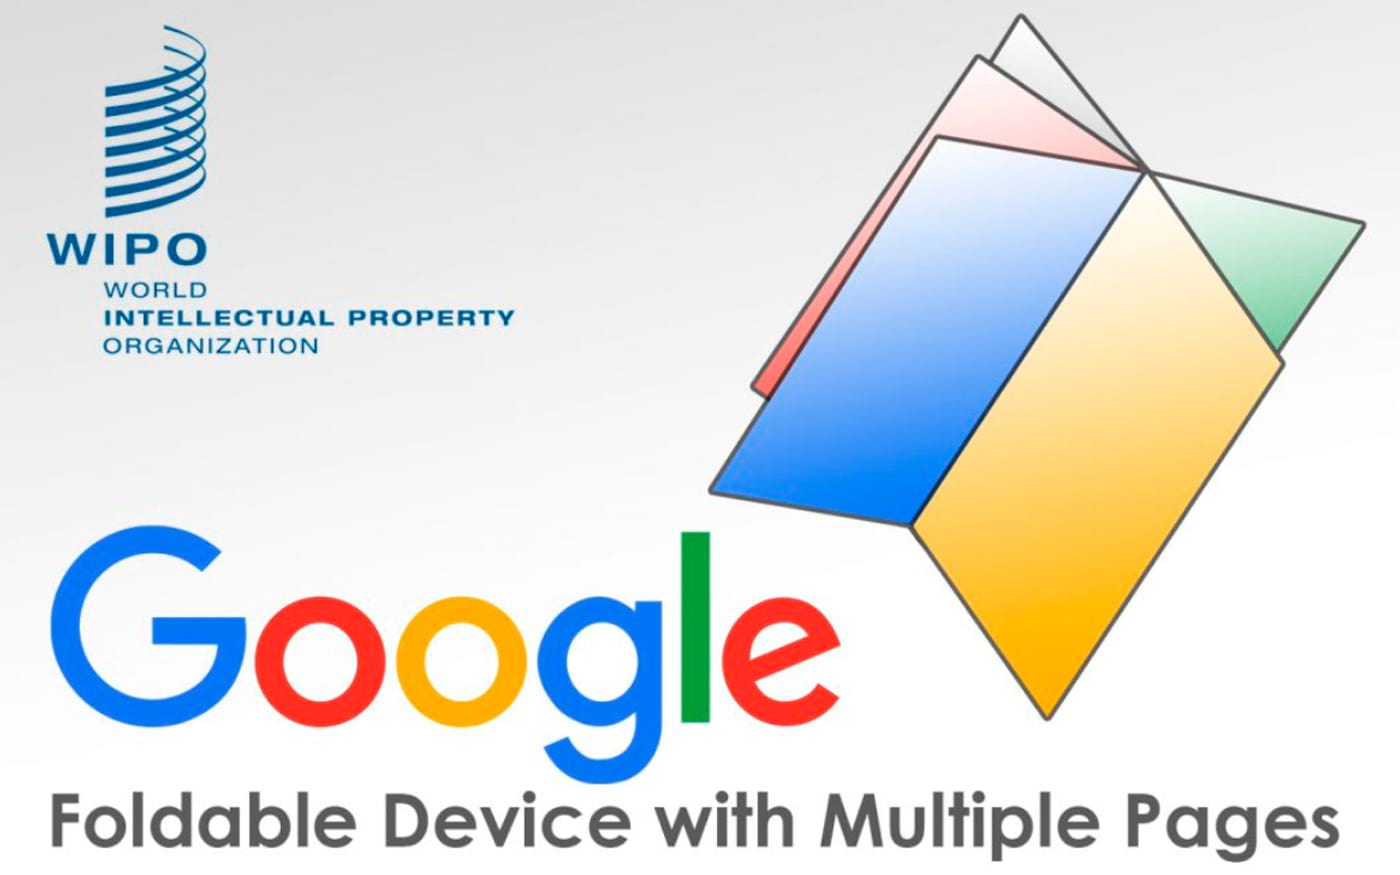 Patente do Google mostra dispositivo dobrável com múltiplas telas.